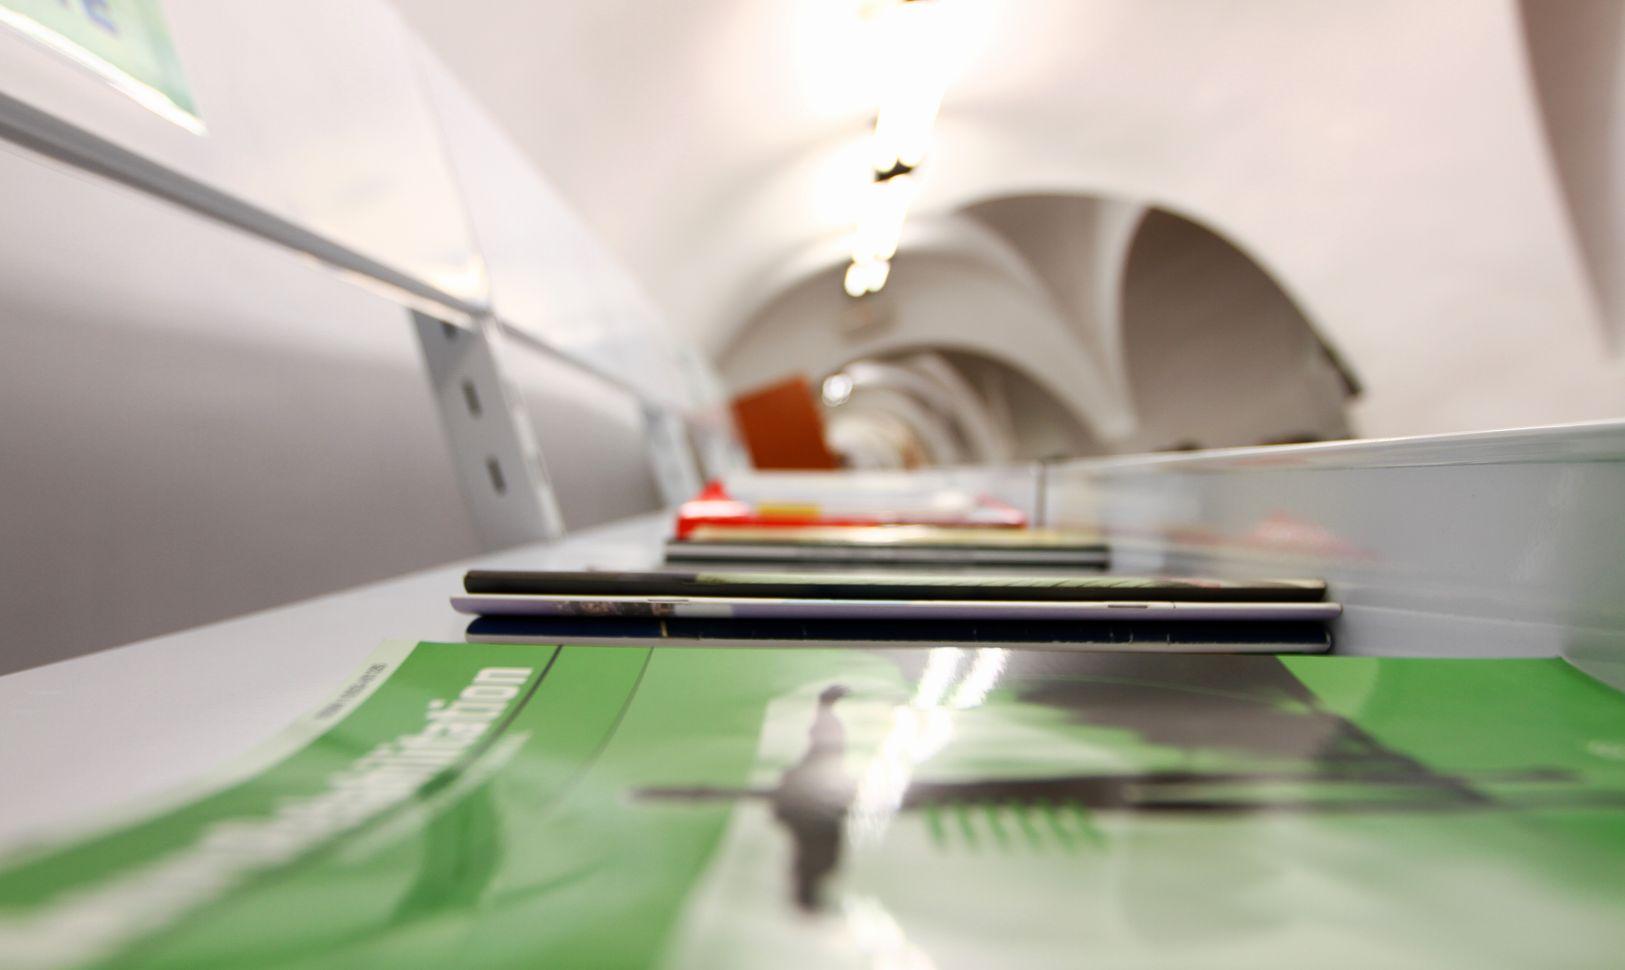 Hemeroteca libros verde_result.jpg